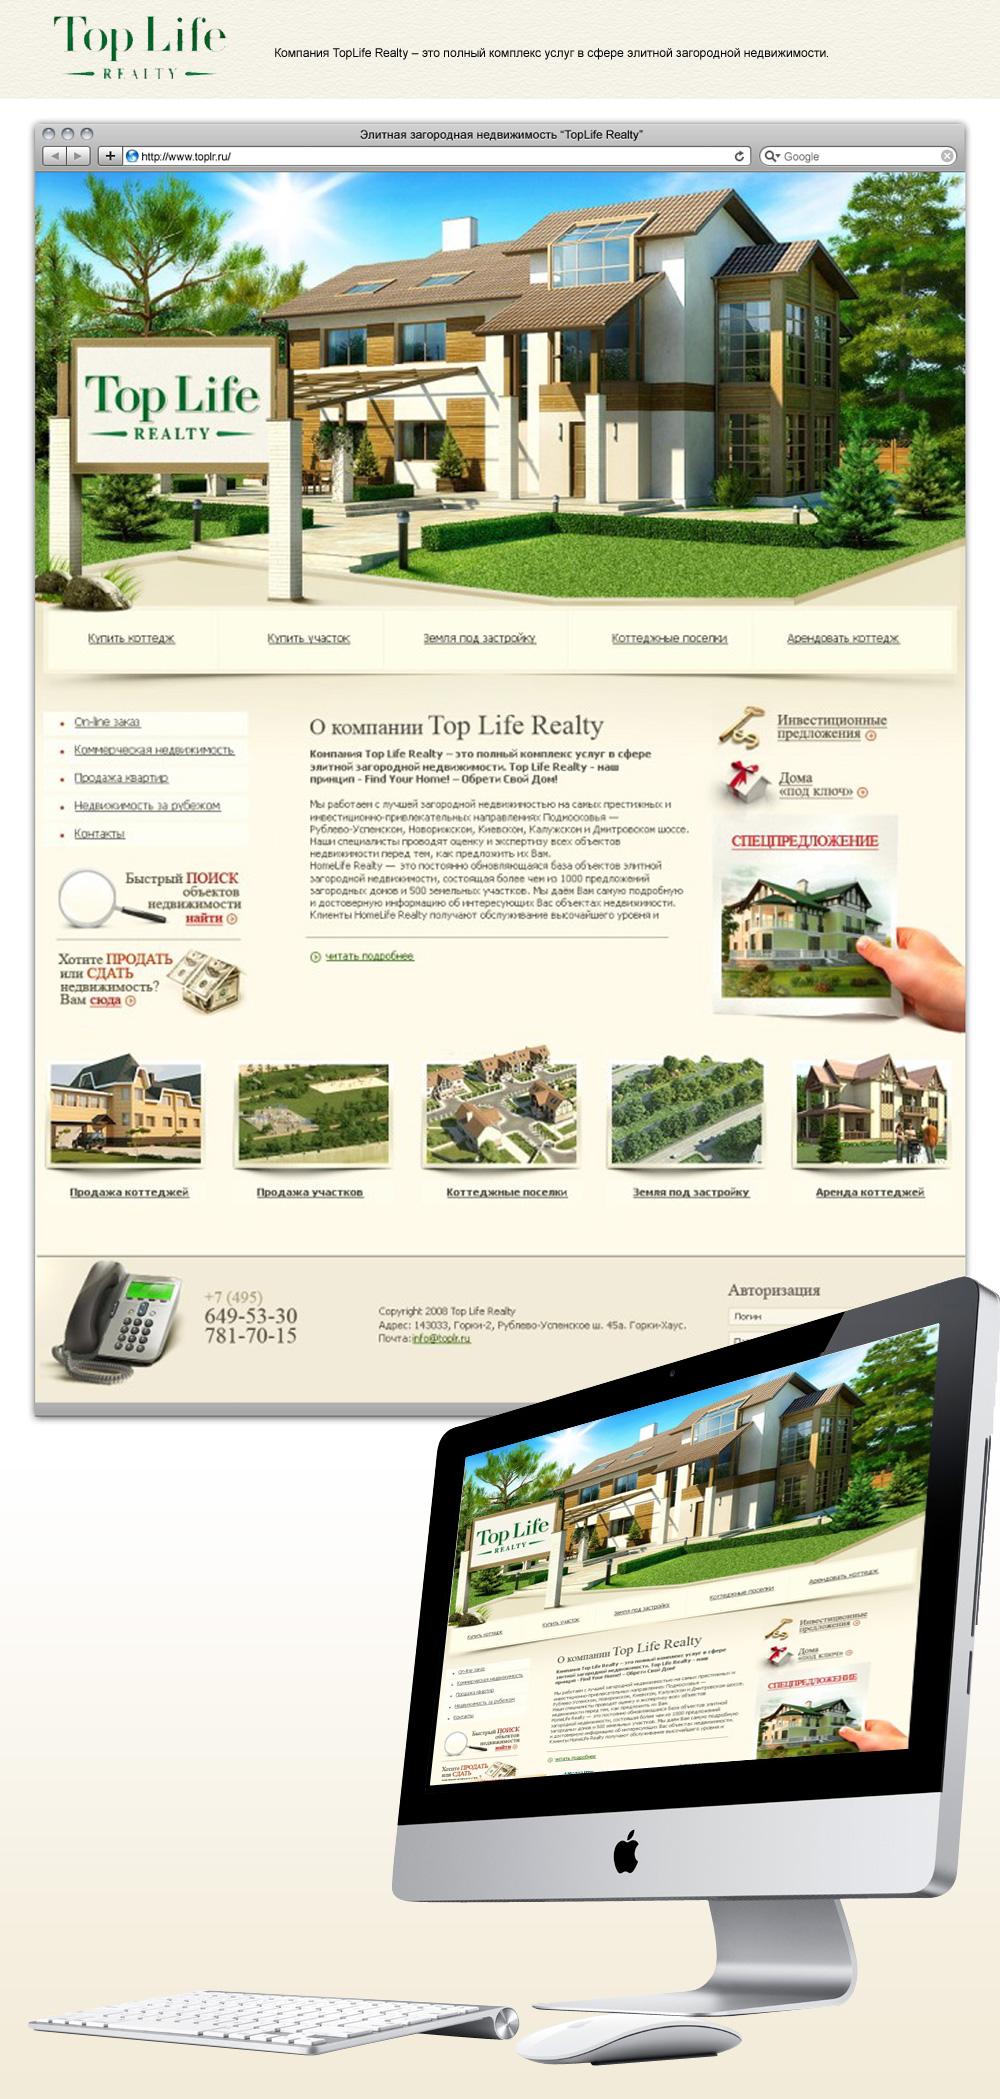 Top Life - недвижимость